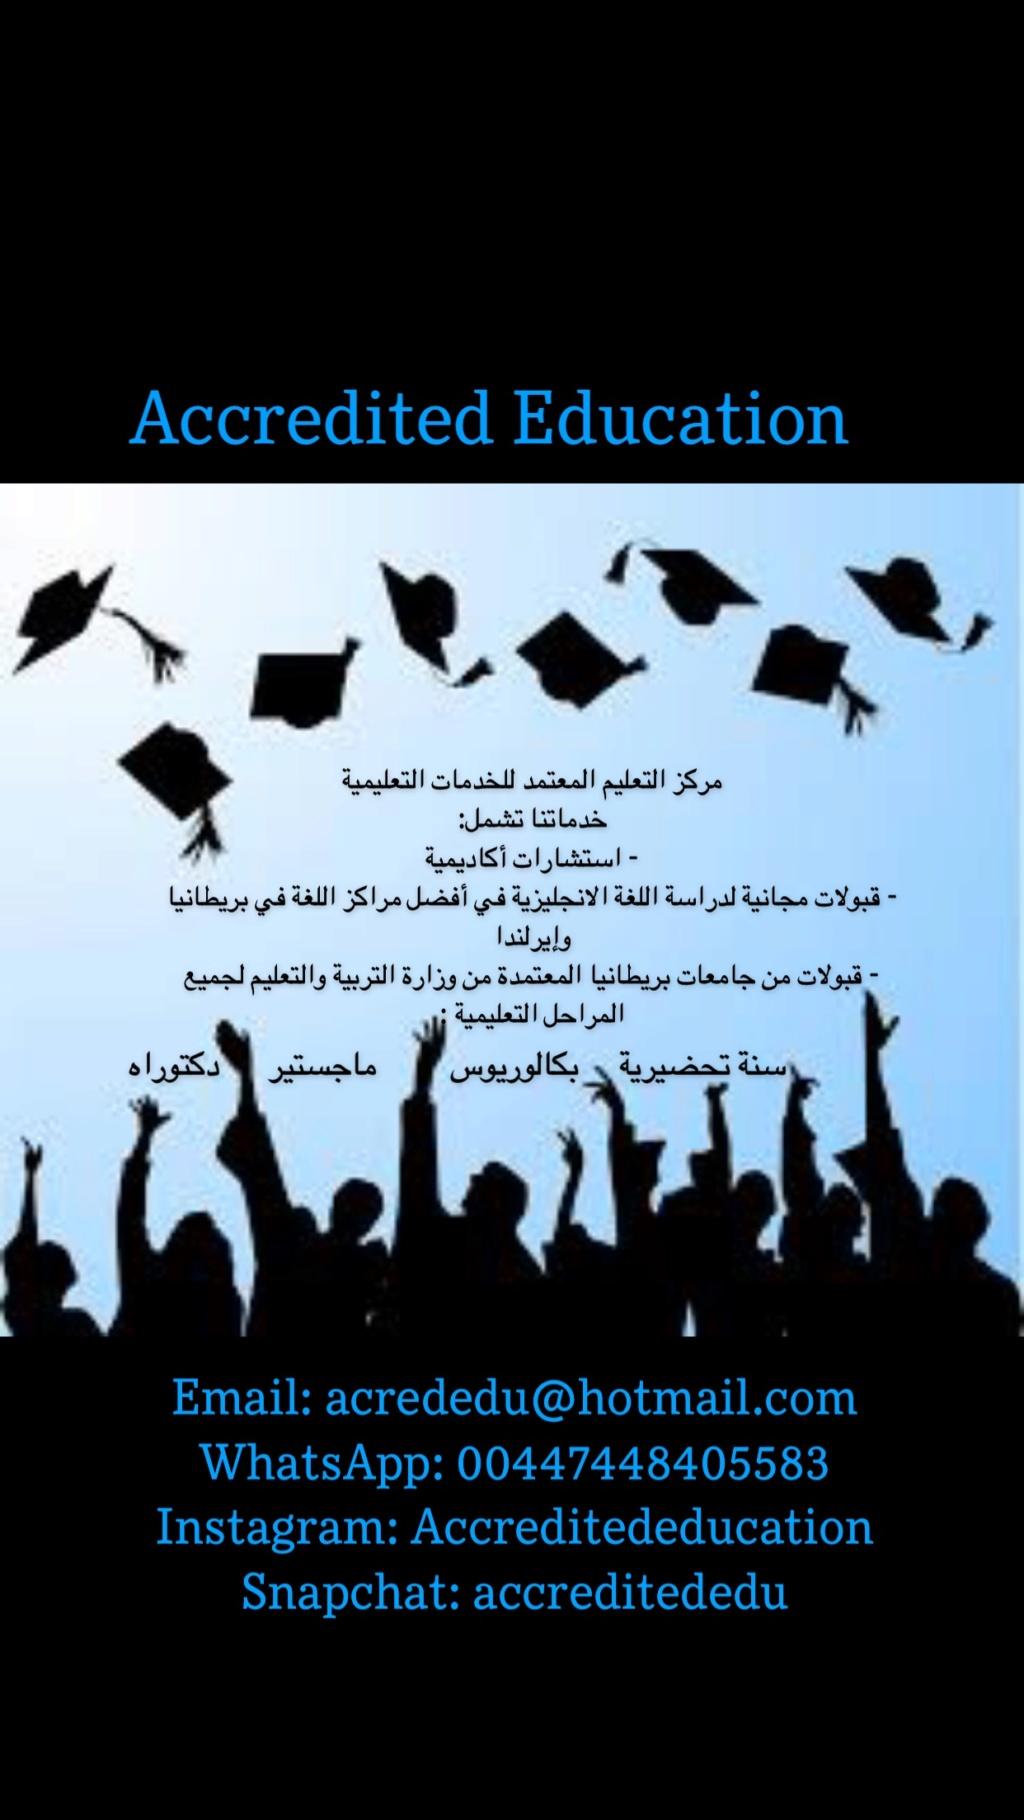 مركز التعليم المعتمد للخدمات التعليمية 0bbec310